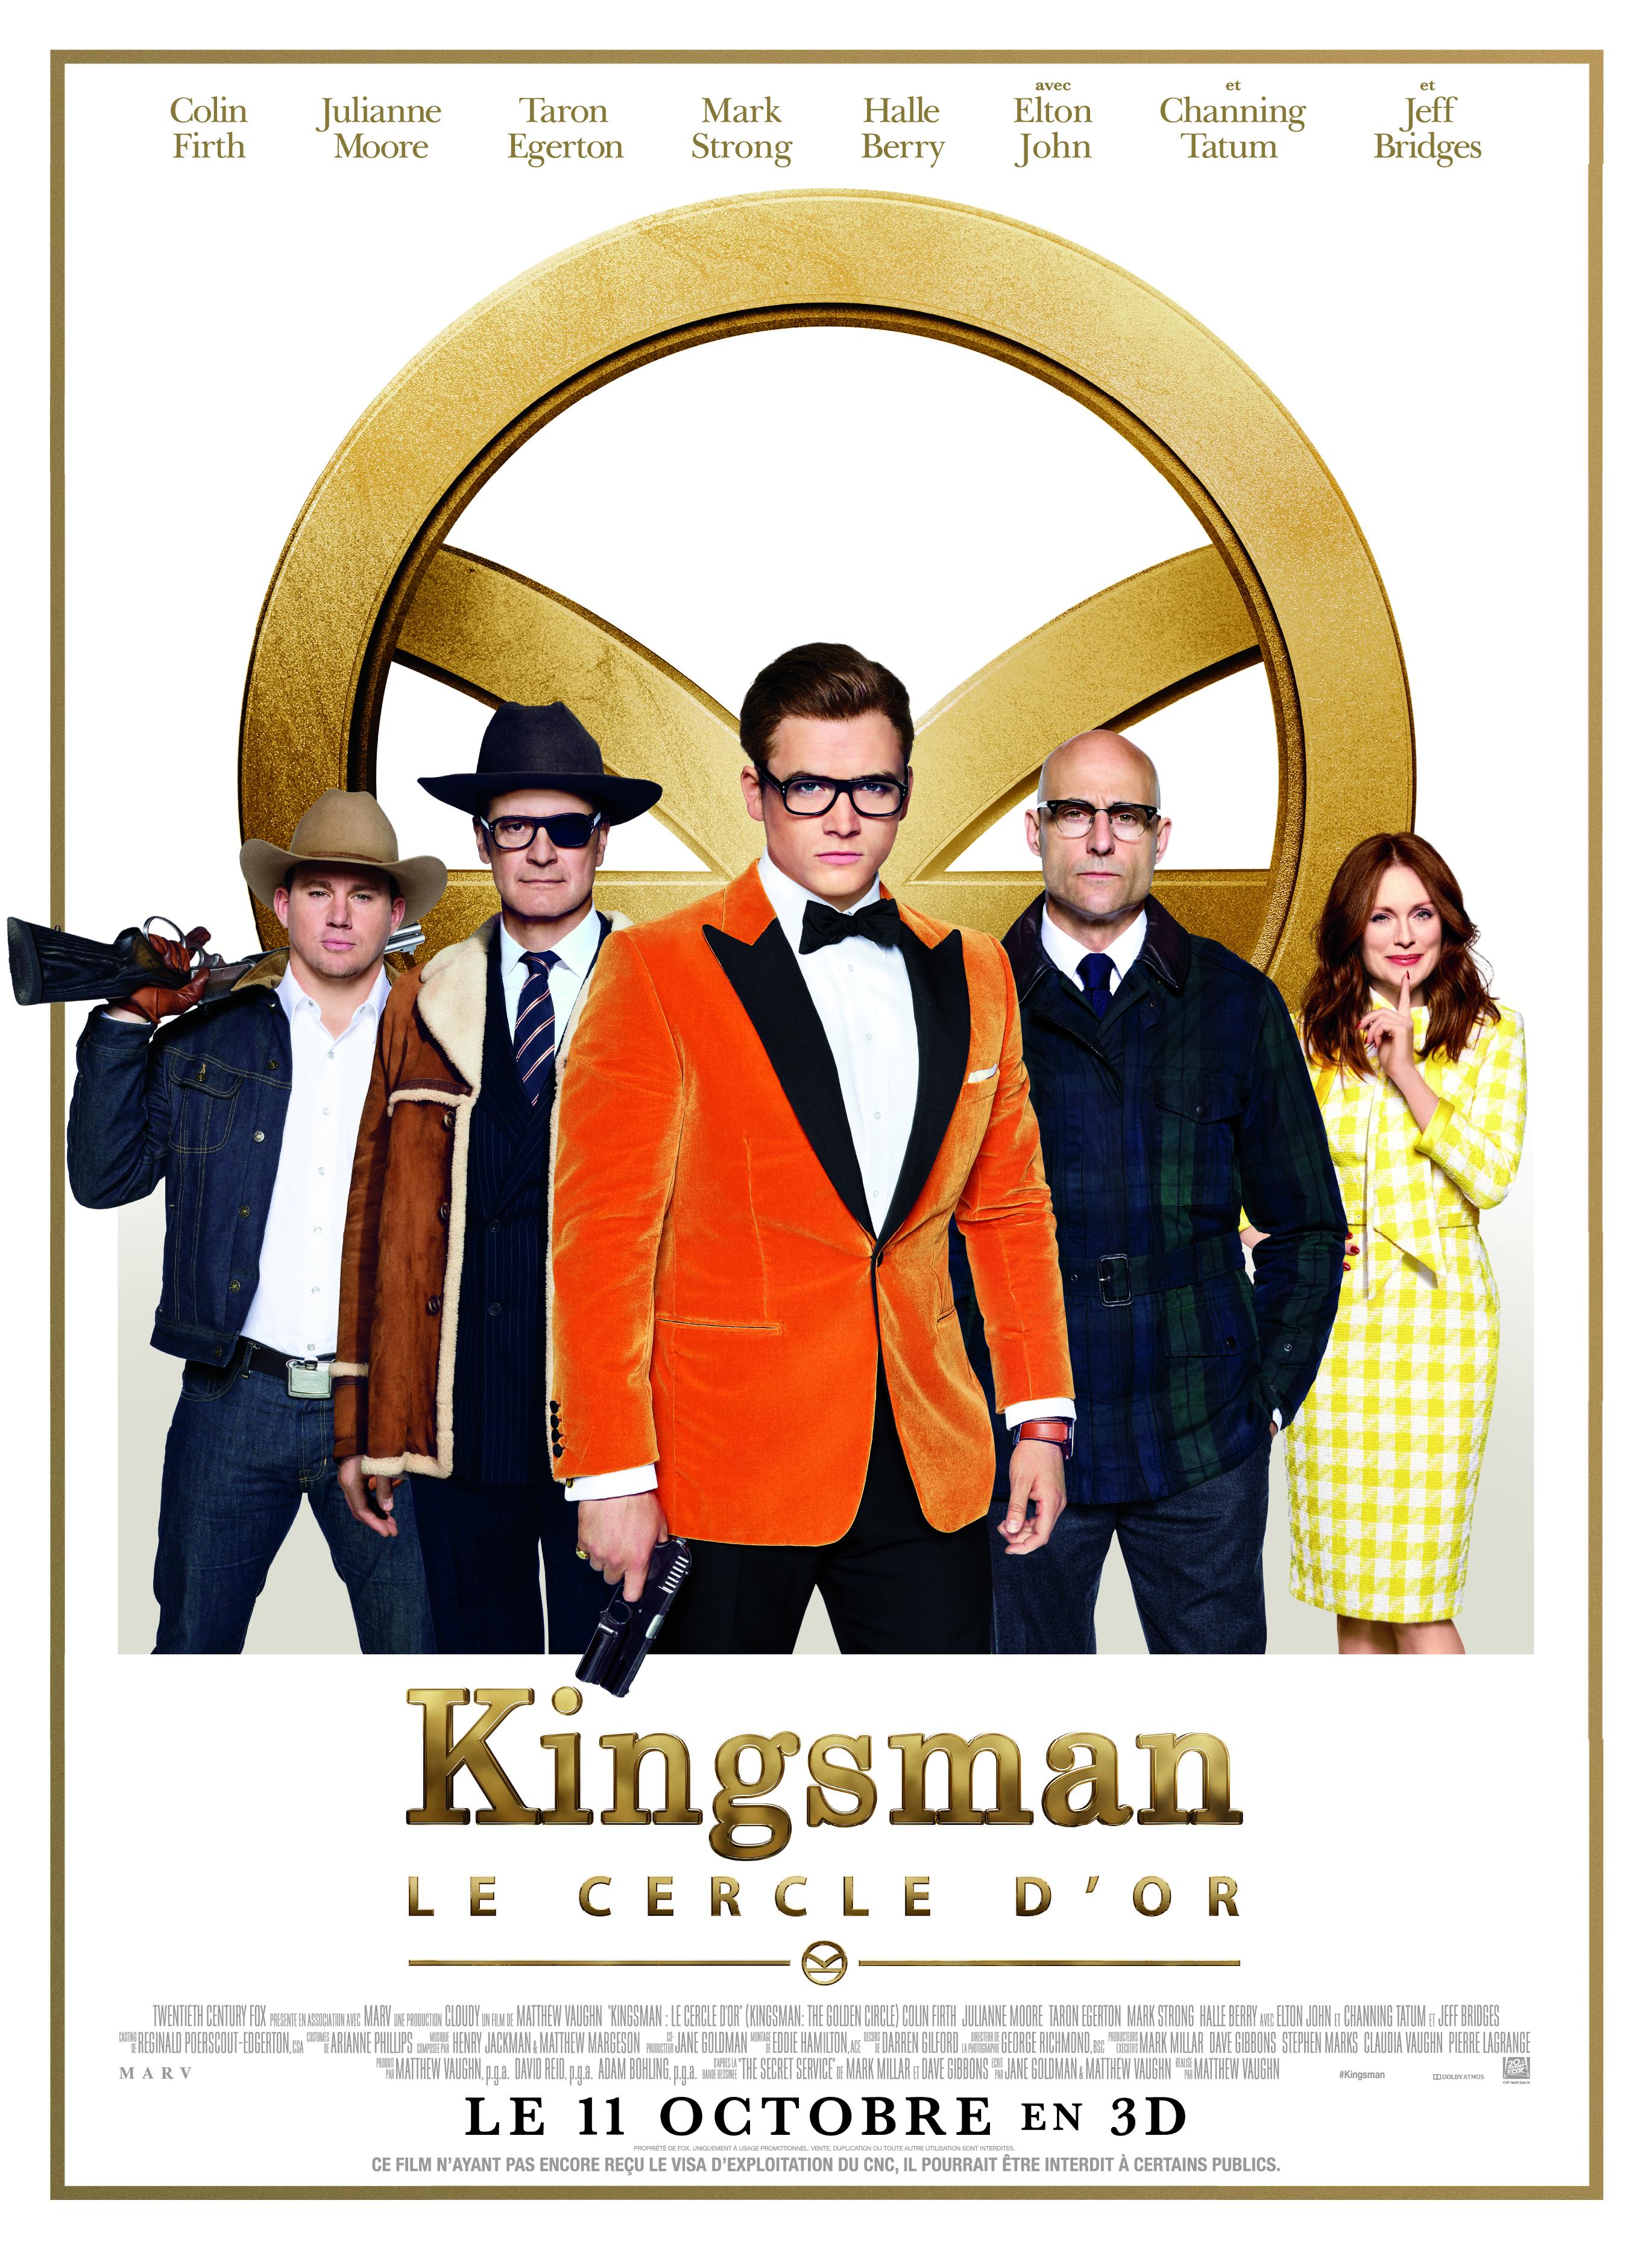 kingsman-le-cercle-d-or-a-son-affiche-francaise-01